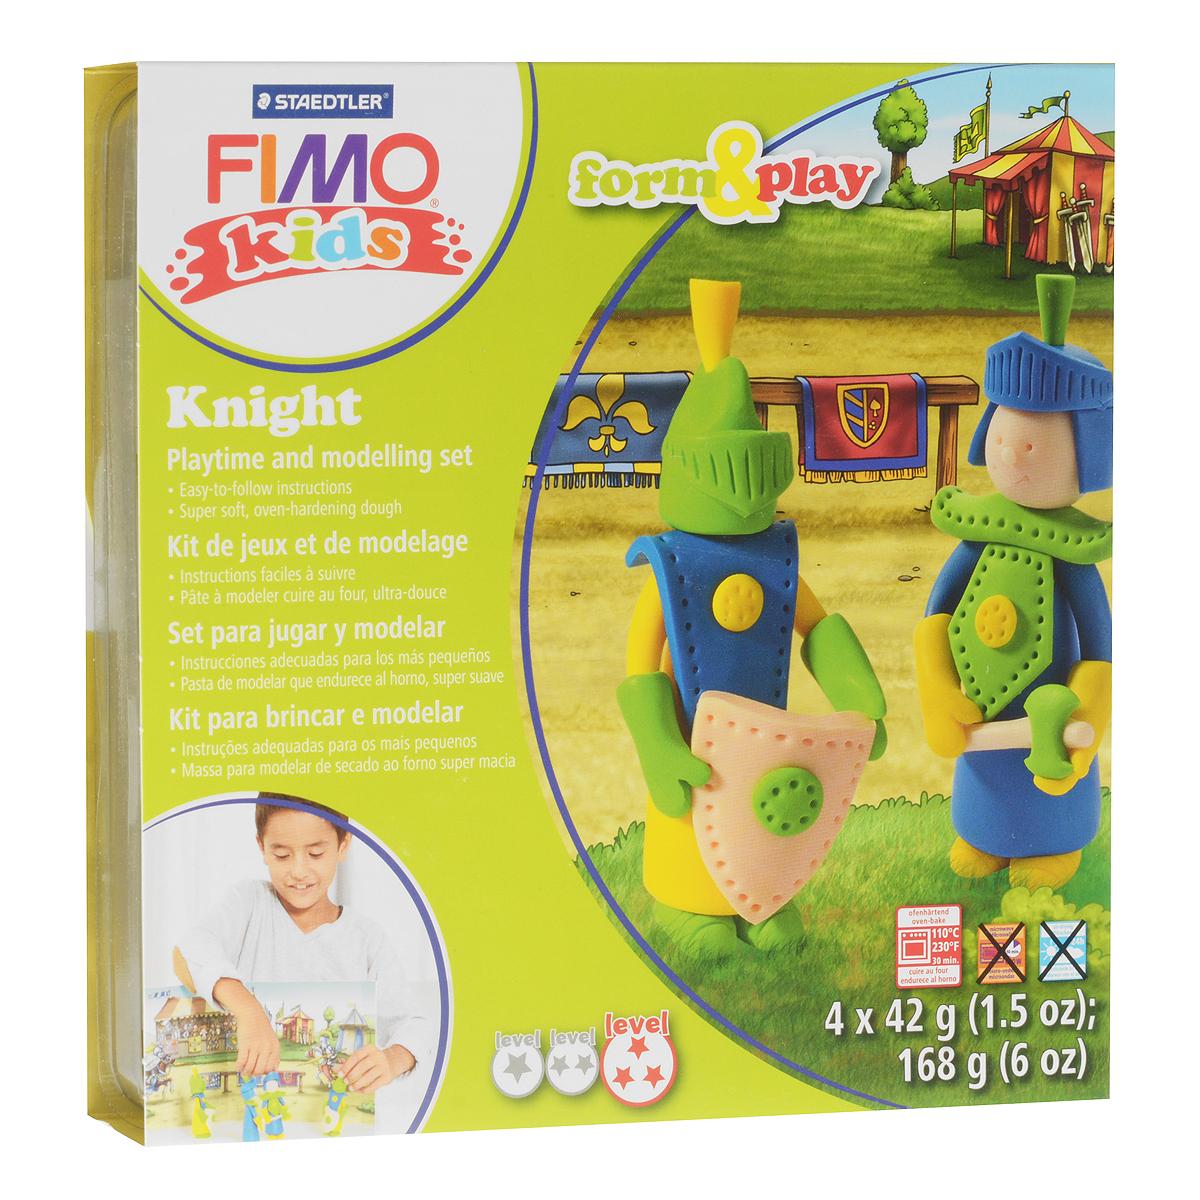 Набор для лепки Fimo Kids Рыцарь8034 05 LZНабор для лепки Fimo Kids Рыцарь представляет собой сочетание моделирования и игры. Набор включает в себя: 4 блока массы для лепки по 42 г (желтый, синий, светло-зеленый, телесный), стек для моделирования, игровая фоновая сцена. Входящая в набор полимерная глина разработана специально для детей, она мягкая, пластичная и ей легко придавать различные формы. Игровая фоновая сцена, изображенная на внутренней стороне упаковки, не только доставит дополнительное удовольствие от игры, но и вдохновит на новые идеи моделирования. При помощи этого набора ваш малыш сможет своими руками изготовить оригинальные фигурки рыцарей. В домашних условиях готовая поделка выпекается в духовом шкафу при температуре 110°С в течении 15-30 минут (в зависимости от величины изделия). Отвердевшие изделия могут быть раскрашены акриловыми красками, покрыты лаком, склеены друг с другом или с другими материалами.